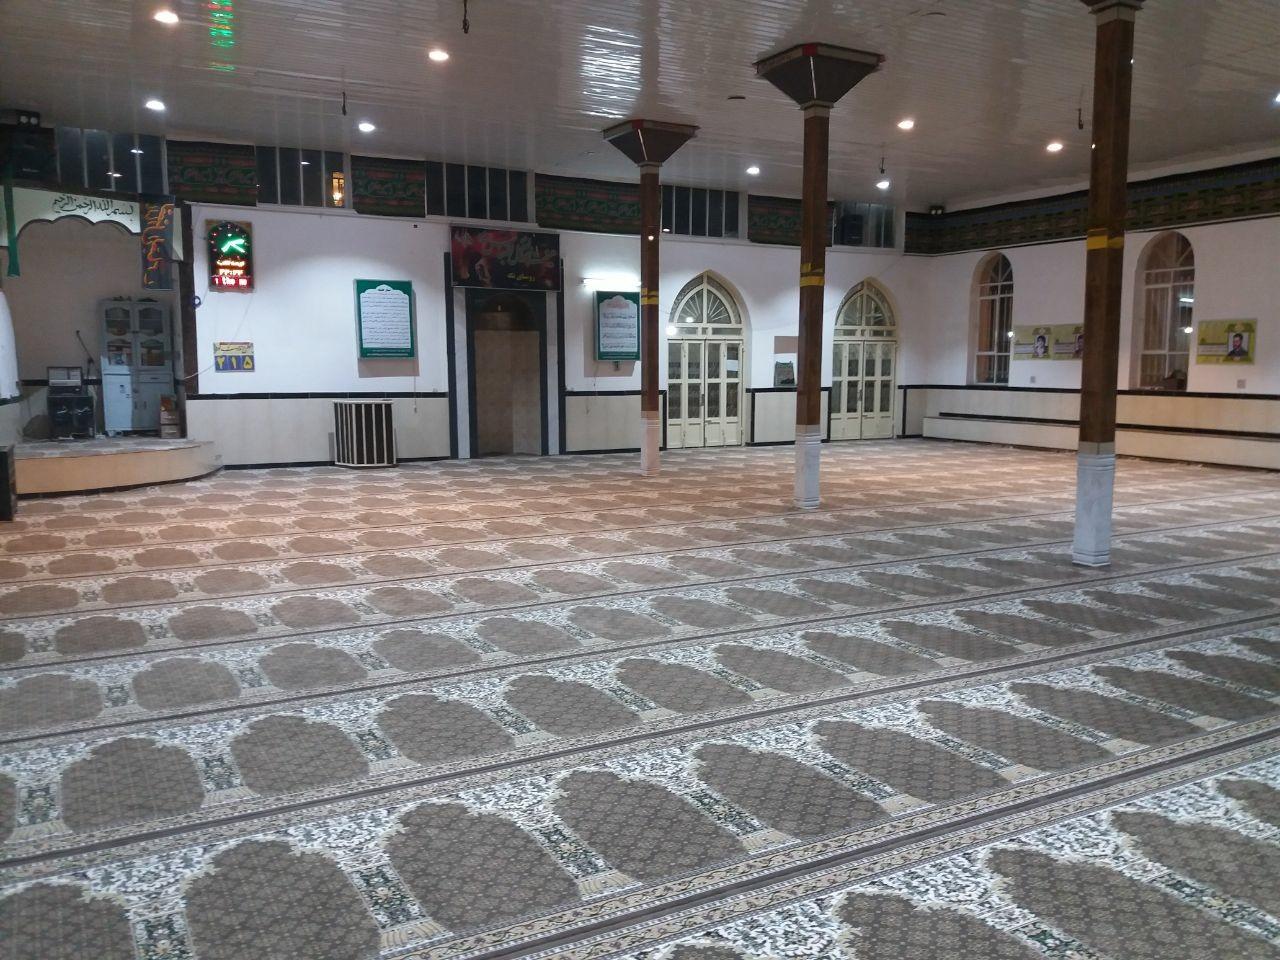 مسجد روستای تکه با کمک ۵۰۰میلیون تومانی خیران افتتاح شد